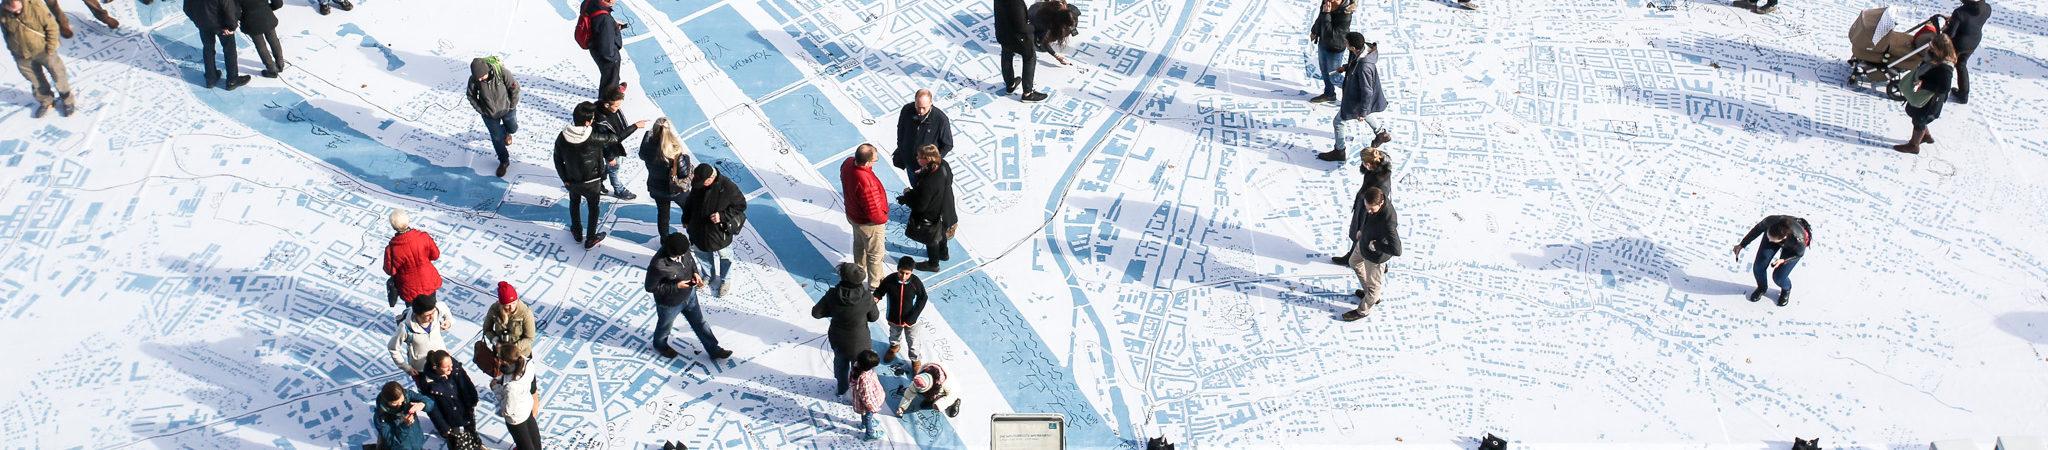 Besucher des Urban Village Festivals am Wiener Rathausplatz bestaunen die größte Wienkarte aller Zeiten. Foto von Christian Fuerthner